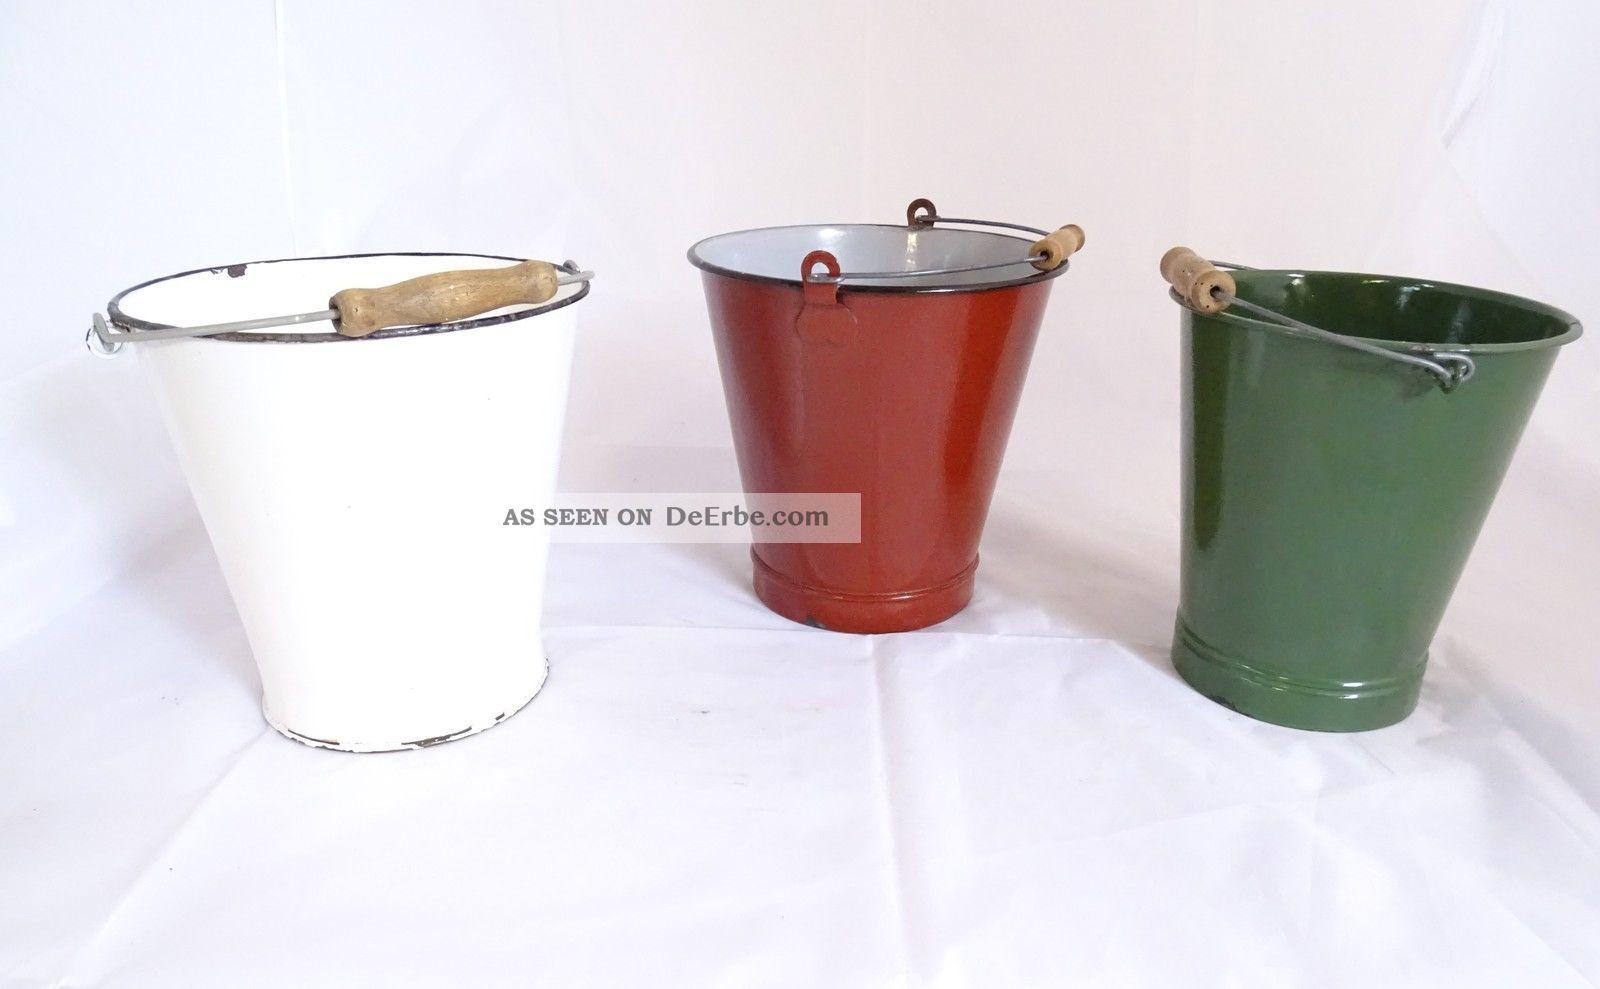 3 Alte Emaillierte Eimer Versch.  Farben Vintage Shabby Chic Dekoration Emailwaren Bild